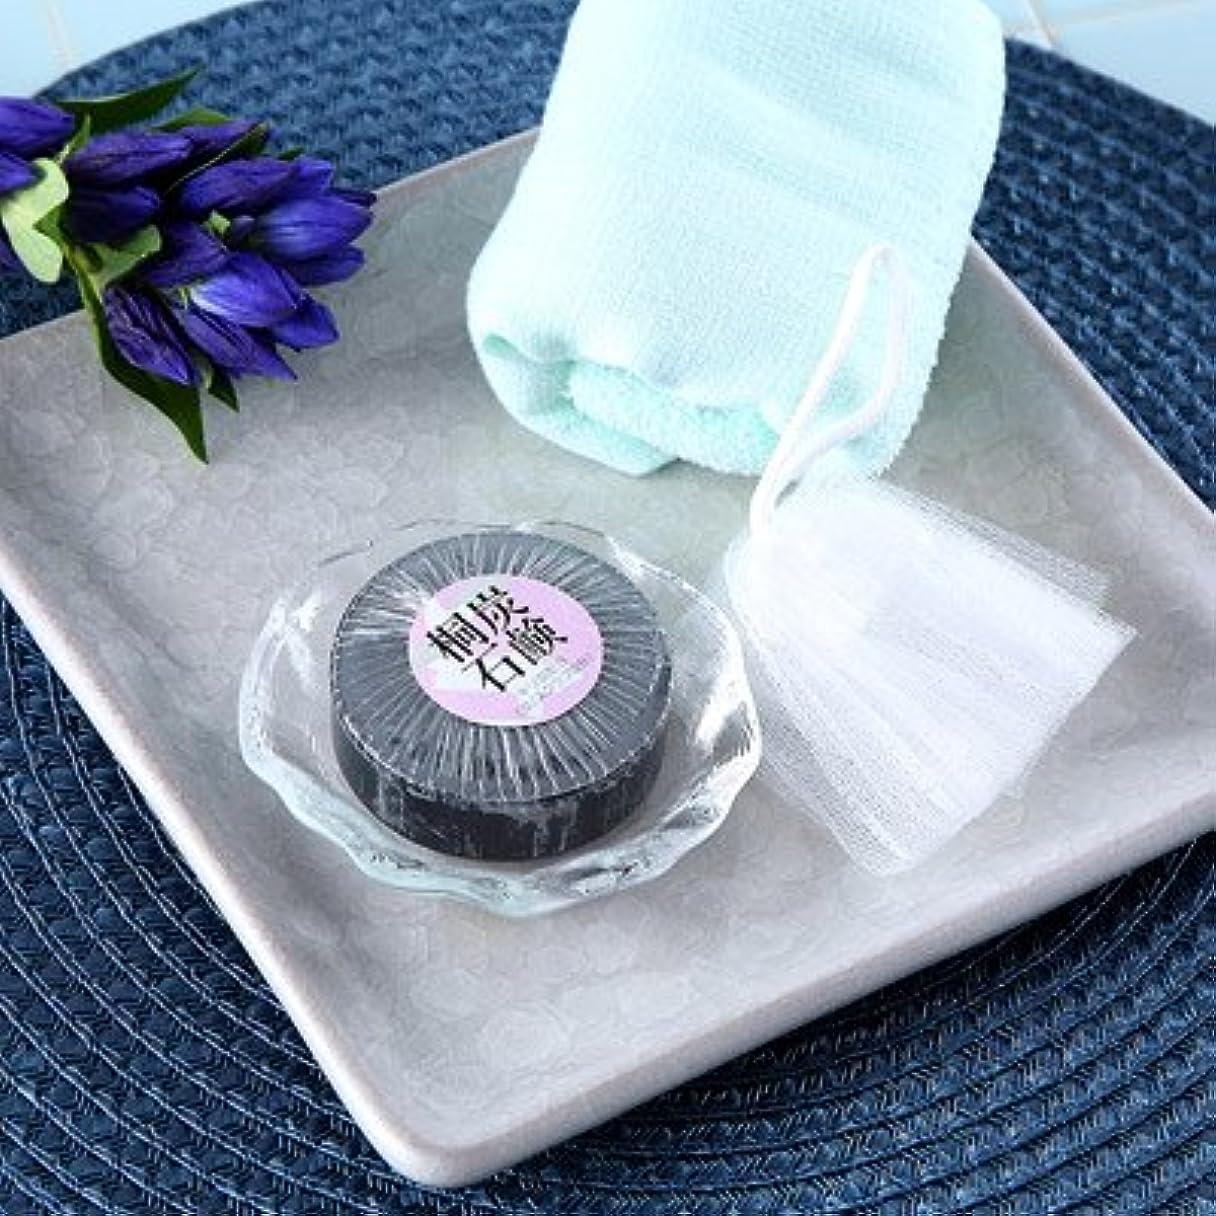 ヶ月目改善贅沢明治33年創業の桐製品の老舗が贈る お肌にやさしい桐炭石鹸